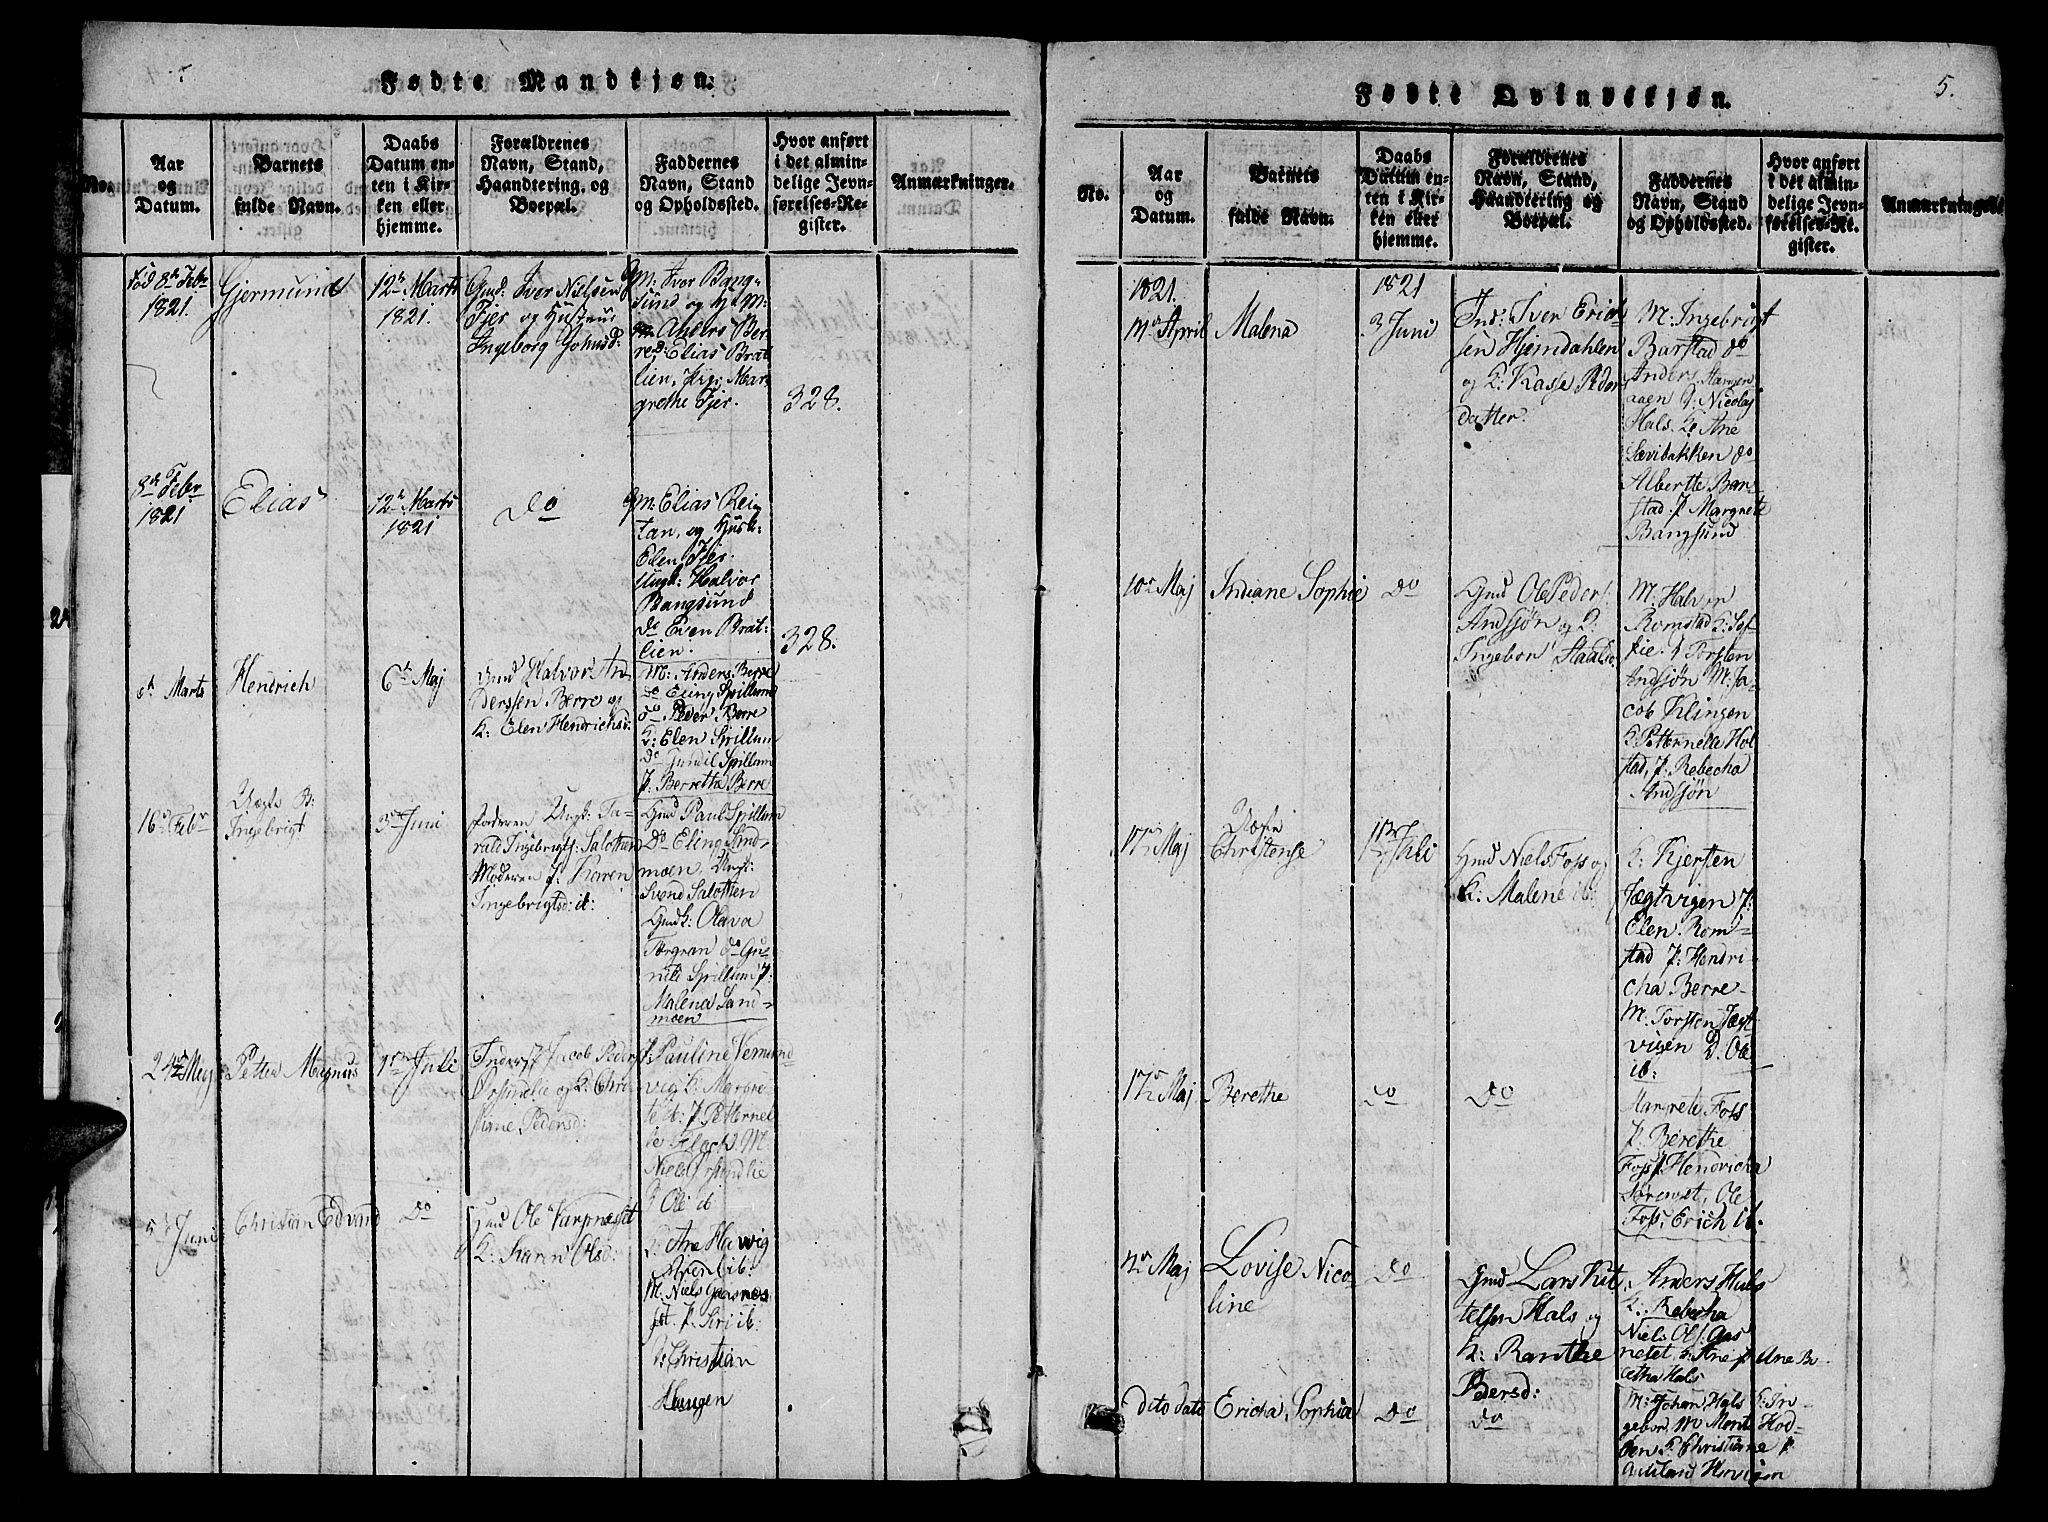 SAT, Ministerialprotokoller, klokkerbøker og fødselsregistre - Nord-Trøndelag, 770/L0588: Ministerialbok nr. 770A02, 1819-1823, s. 5